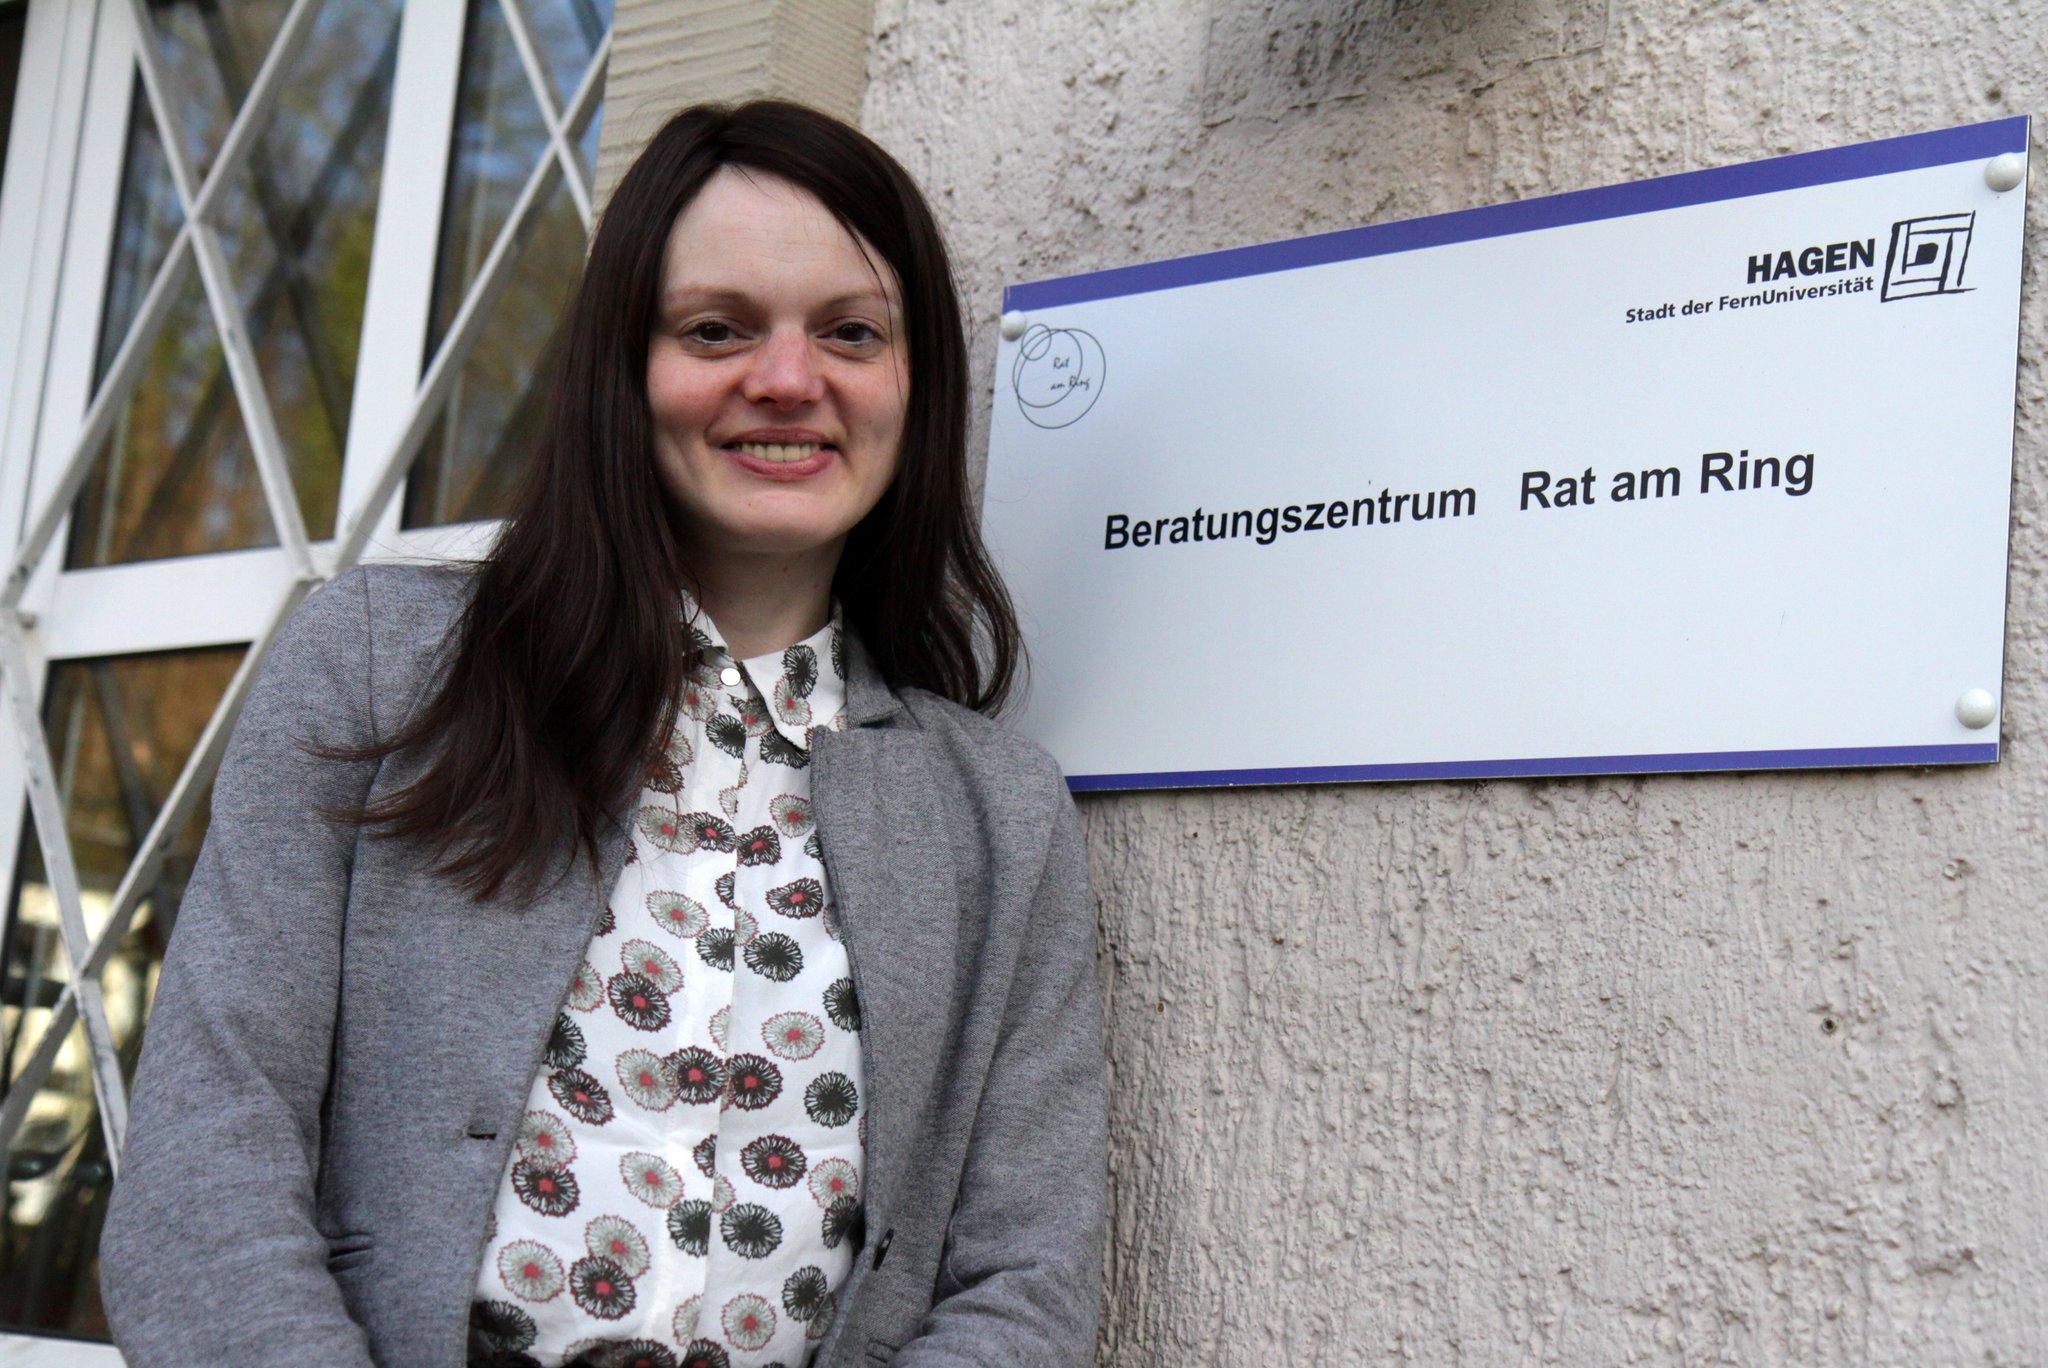 Arbeit Suchen In Hagen